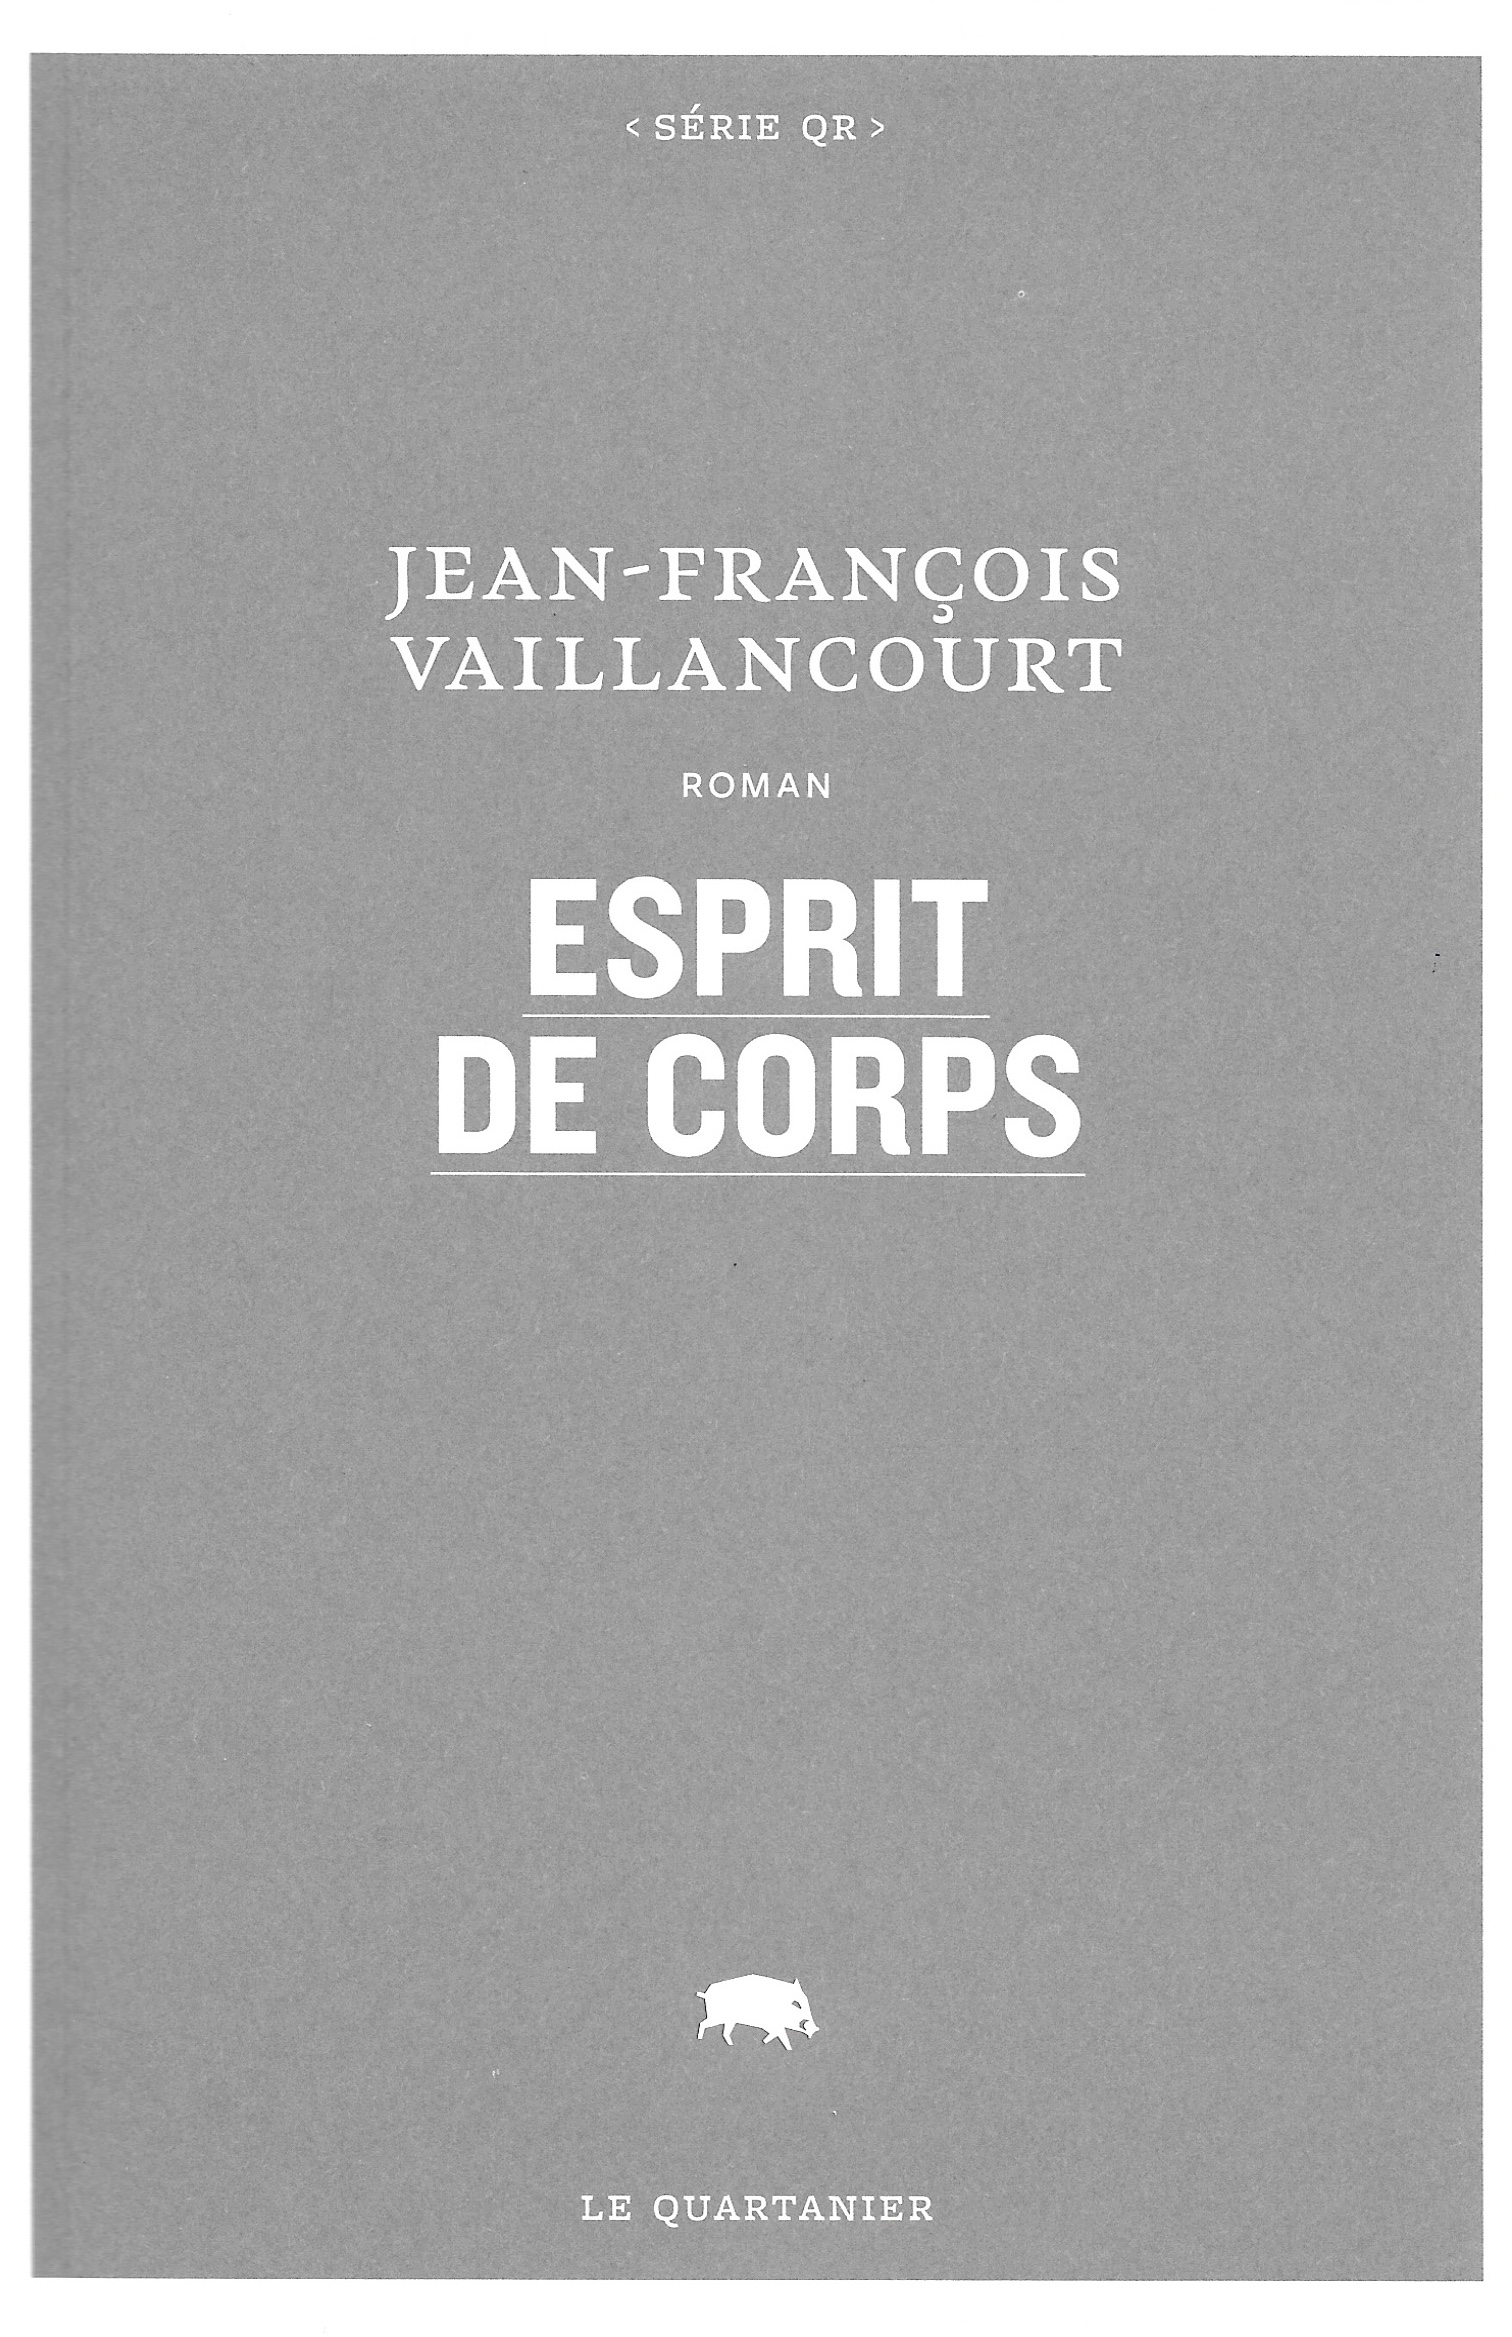 Jean-François Vaillancourt, Esprit de corps, 2020, couverture